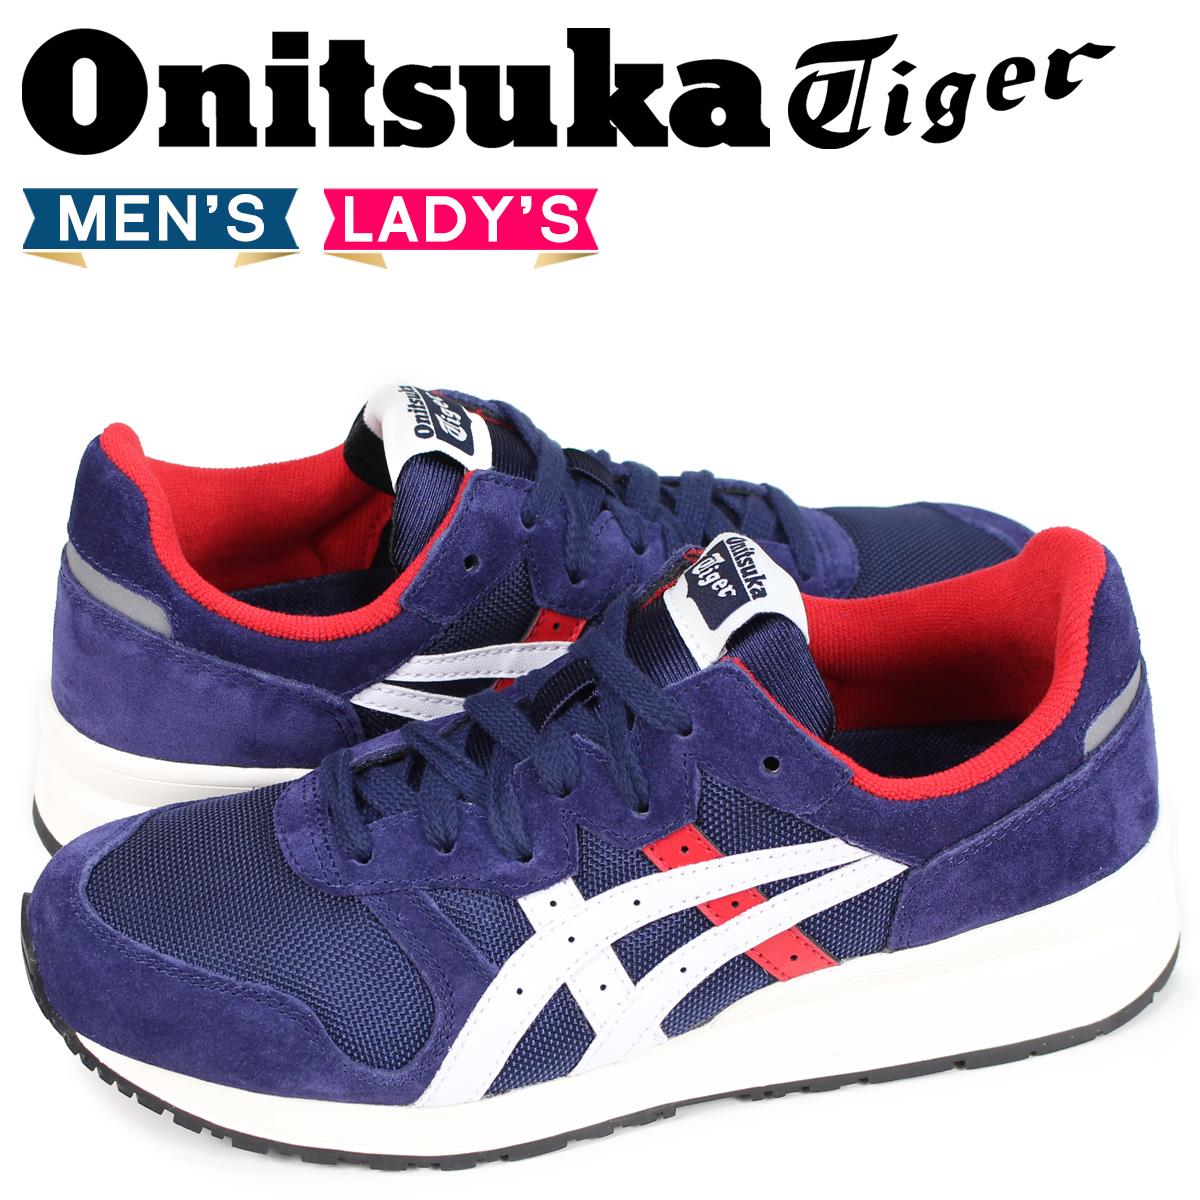 オニツカタイガー タイガー アリー Onitsuka Tiger TIGER ALLY メンズ レディース スニーカー 1183A029-400 ネイビー [8/2 新入荷]